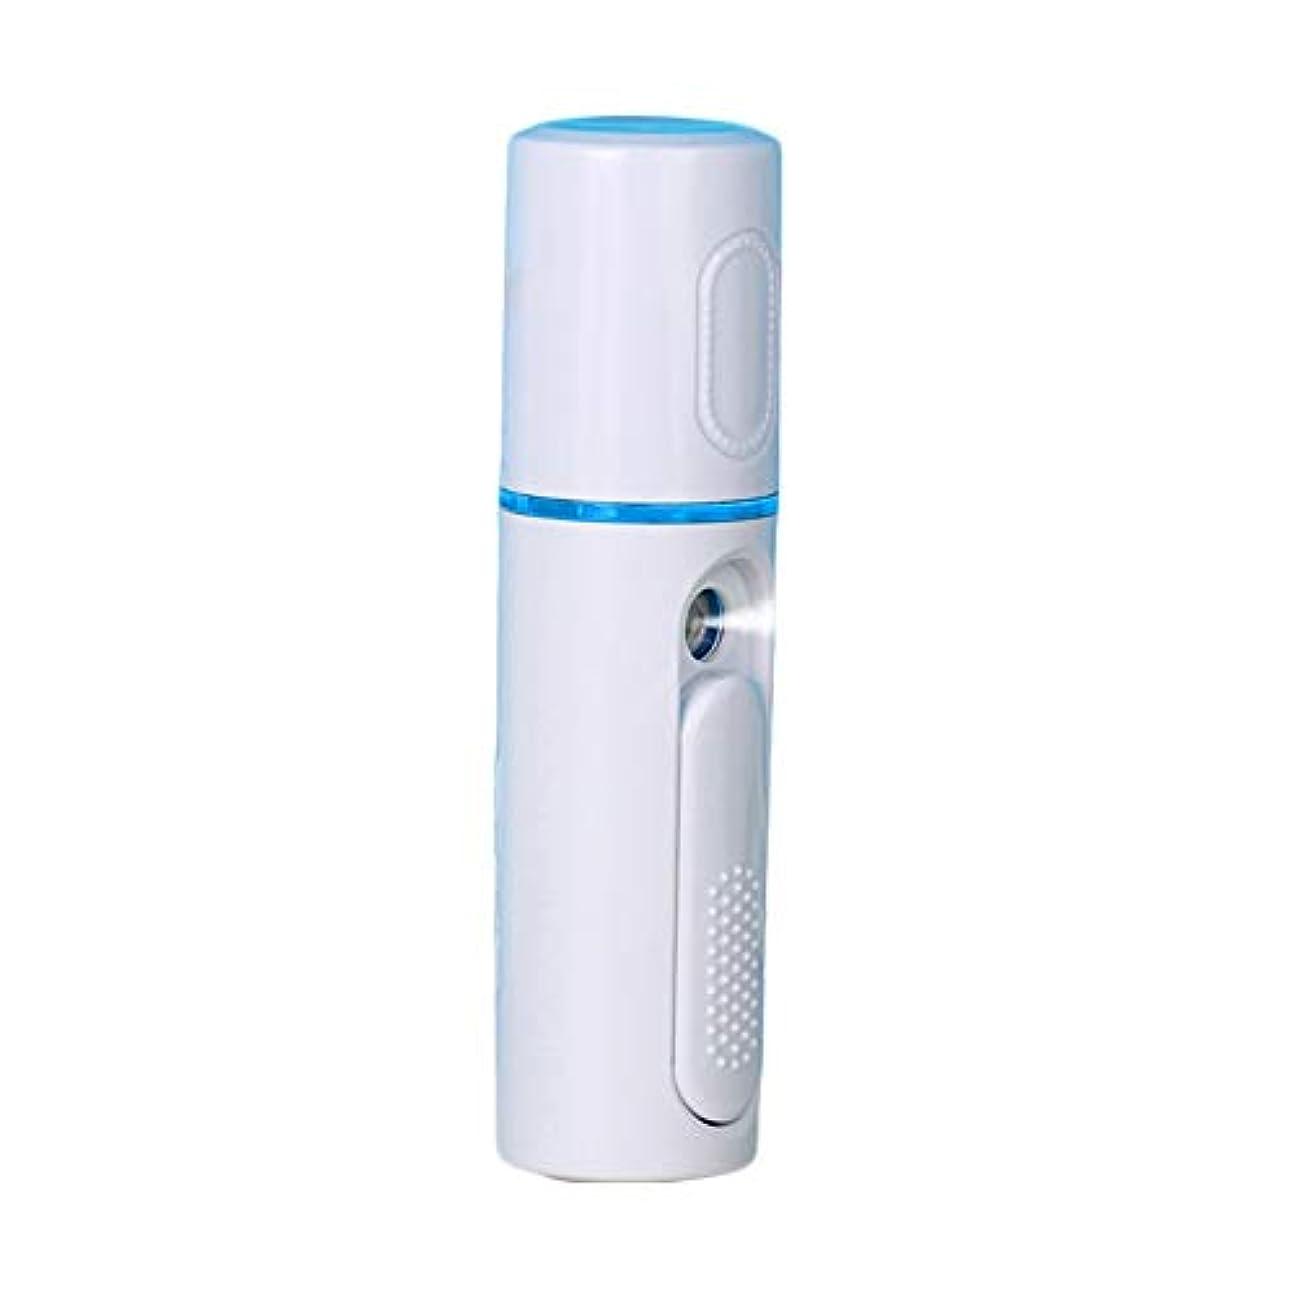 に向けて出発今スリム美顔器 噴霧式 ミニ携帯 ハンディ 美顔スプレー保湿 美白顔用加湿器 フェイススチーマー 補水美容器 小型 ナノミスト USB